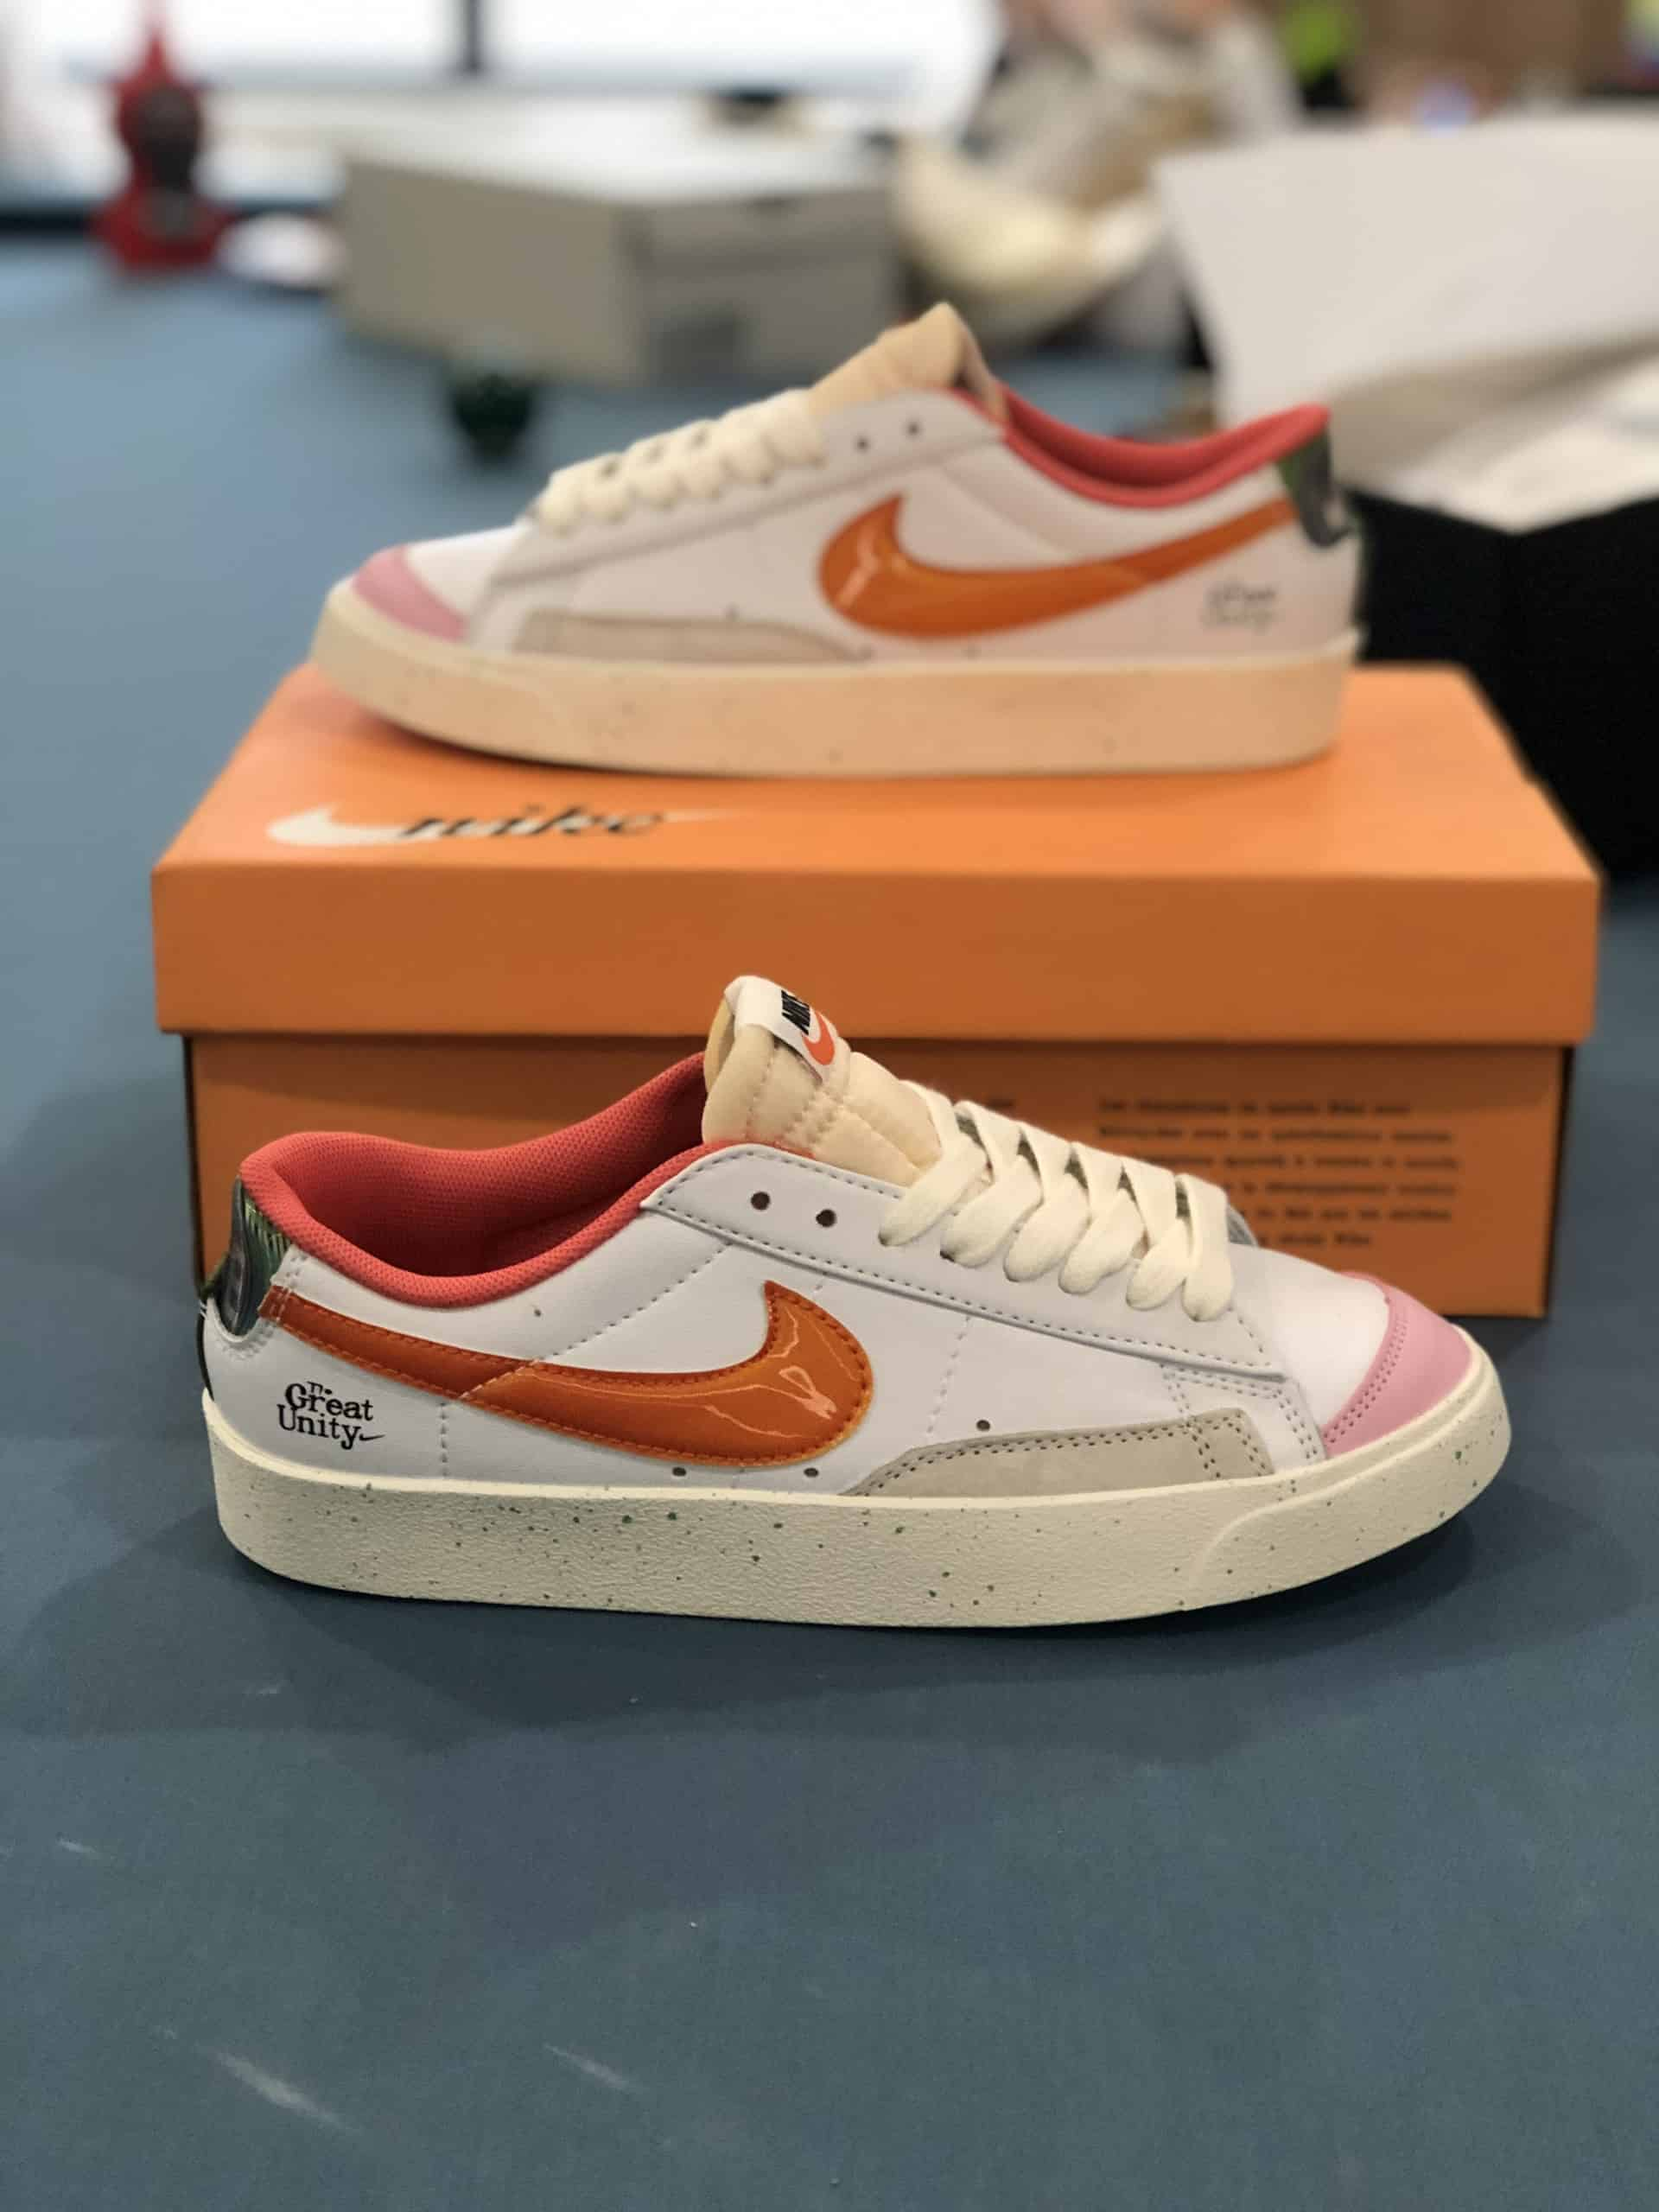 Nike Blazer Low 77 White Orange Rep 1:1 giúp bạn tự tin khoe cá tính của mình